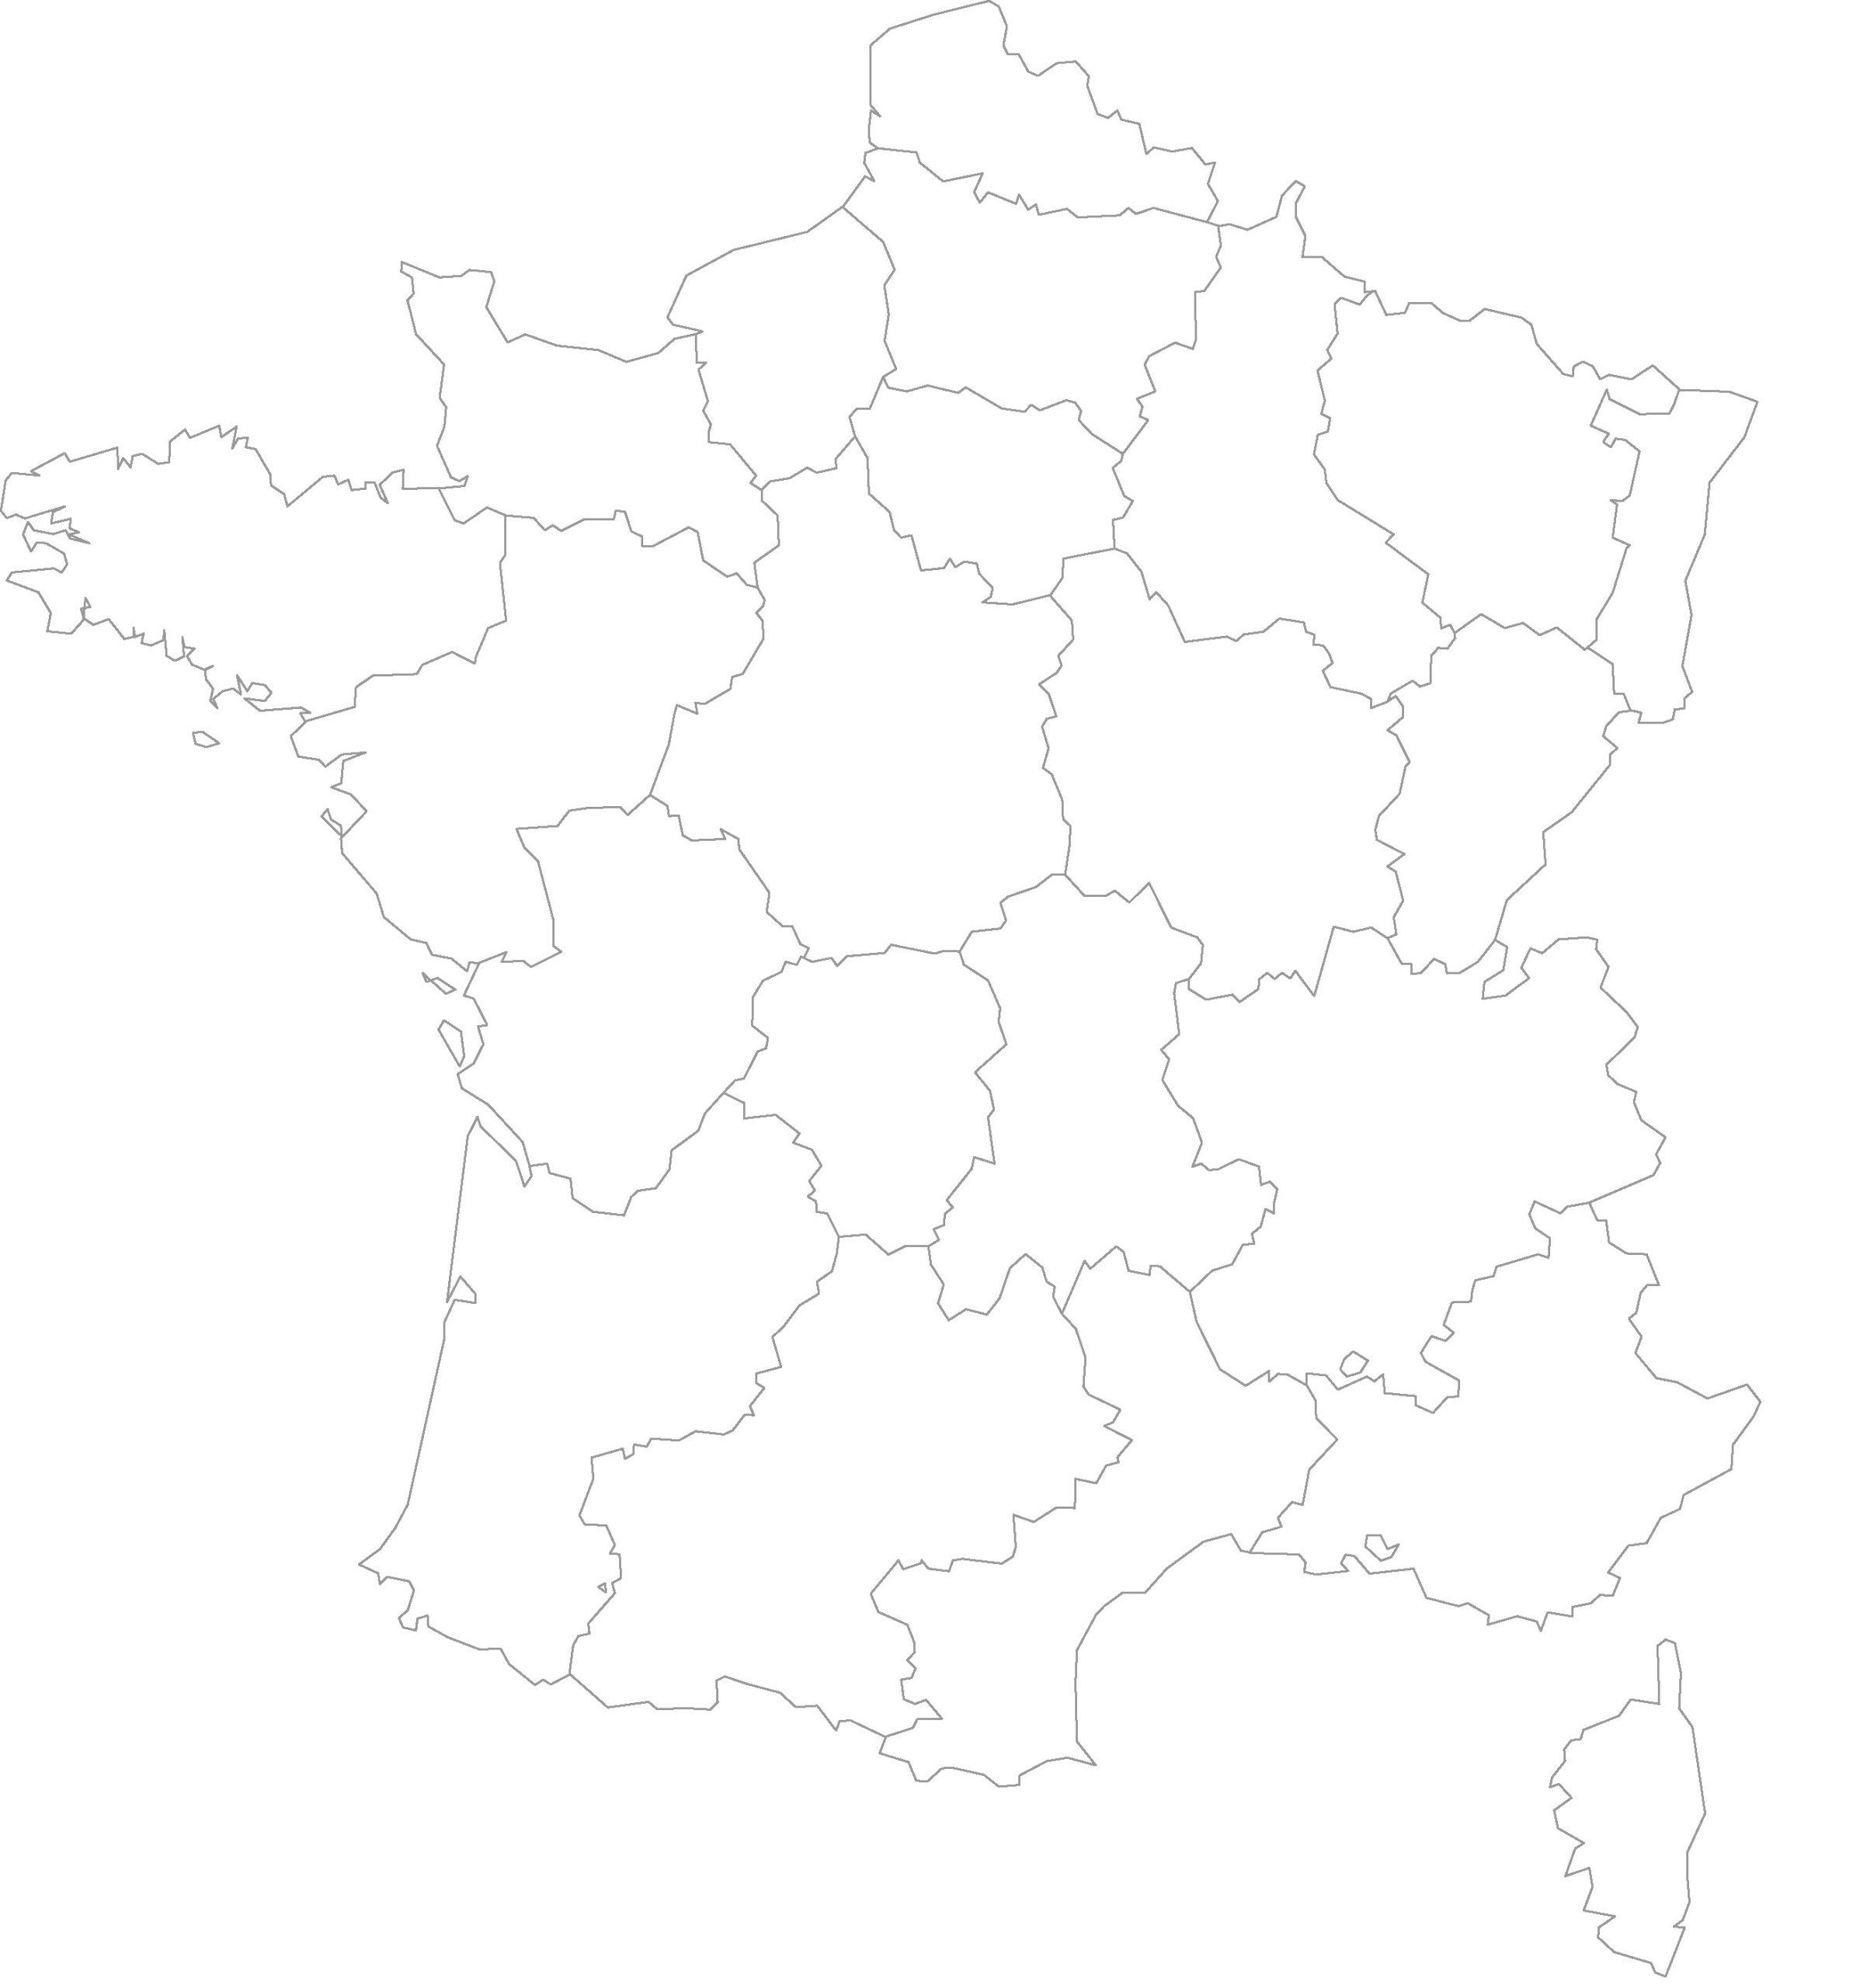 Cartes Vierges De La France À Imprimer - Chroniques dedans Carte Des Régions Vierge